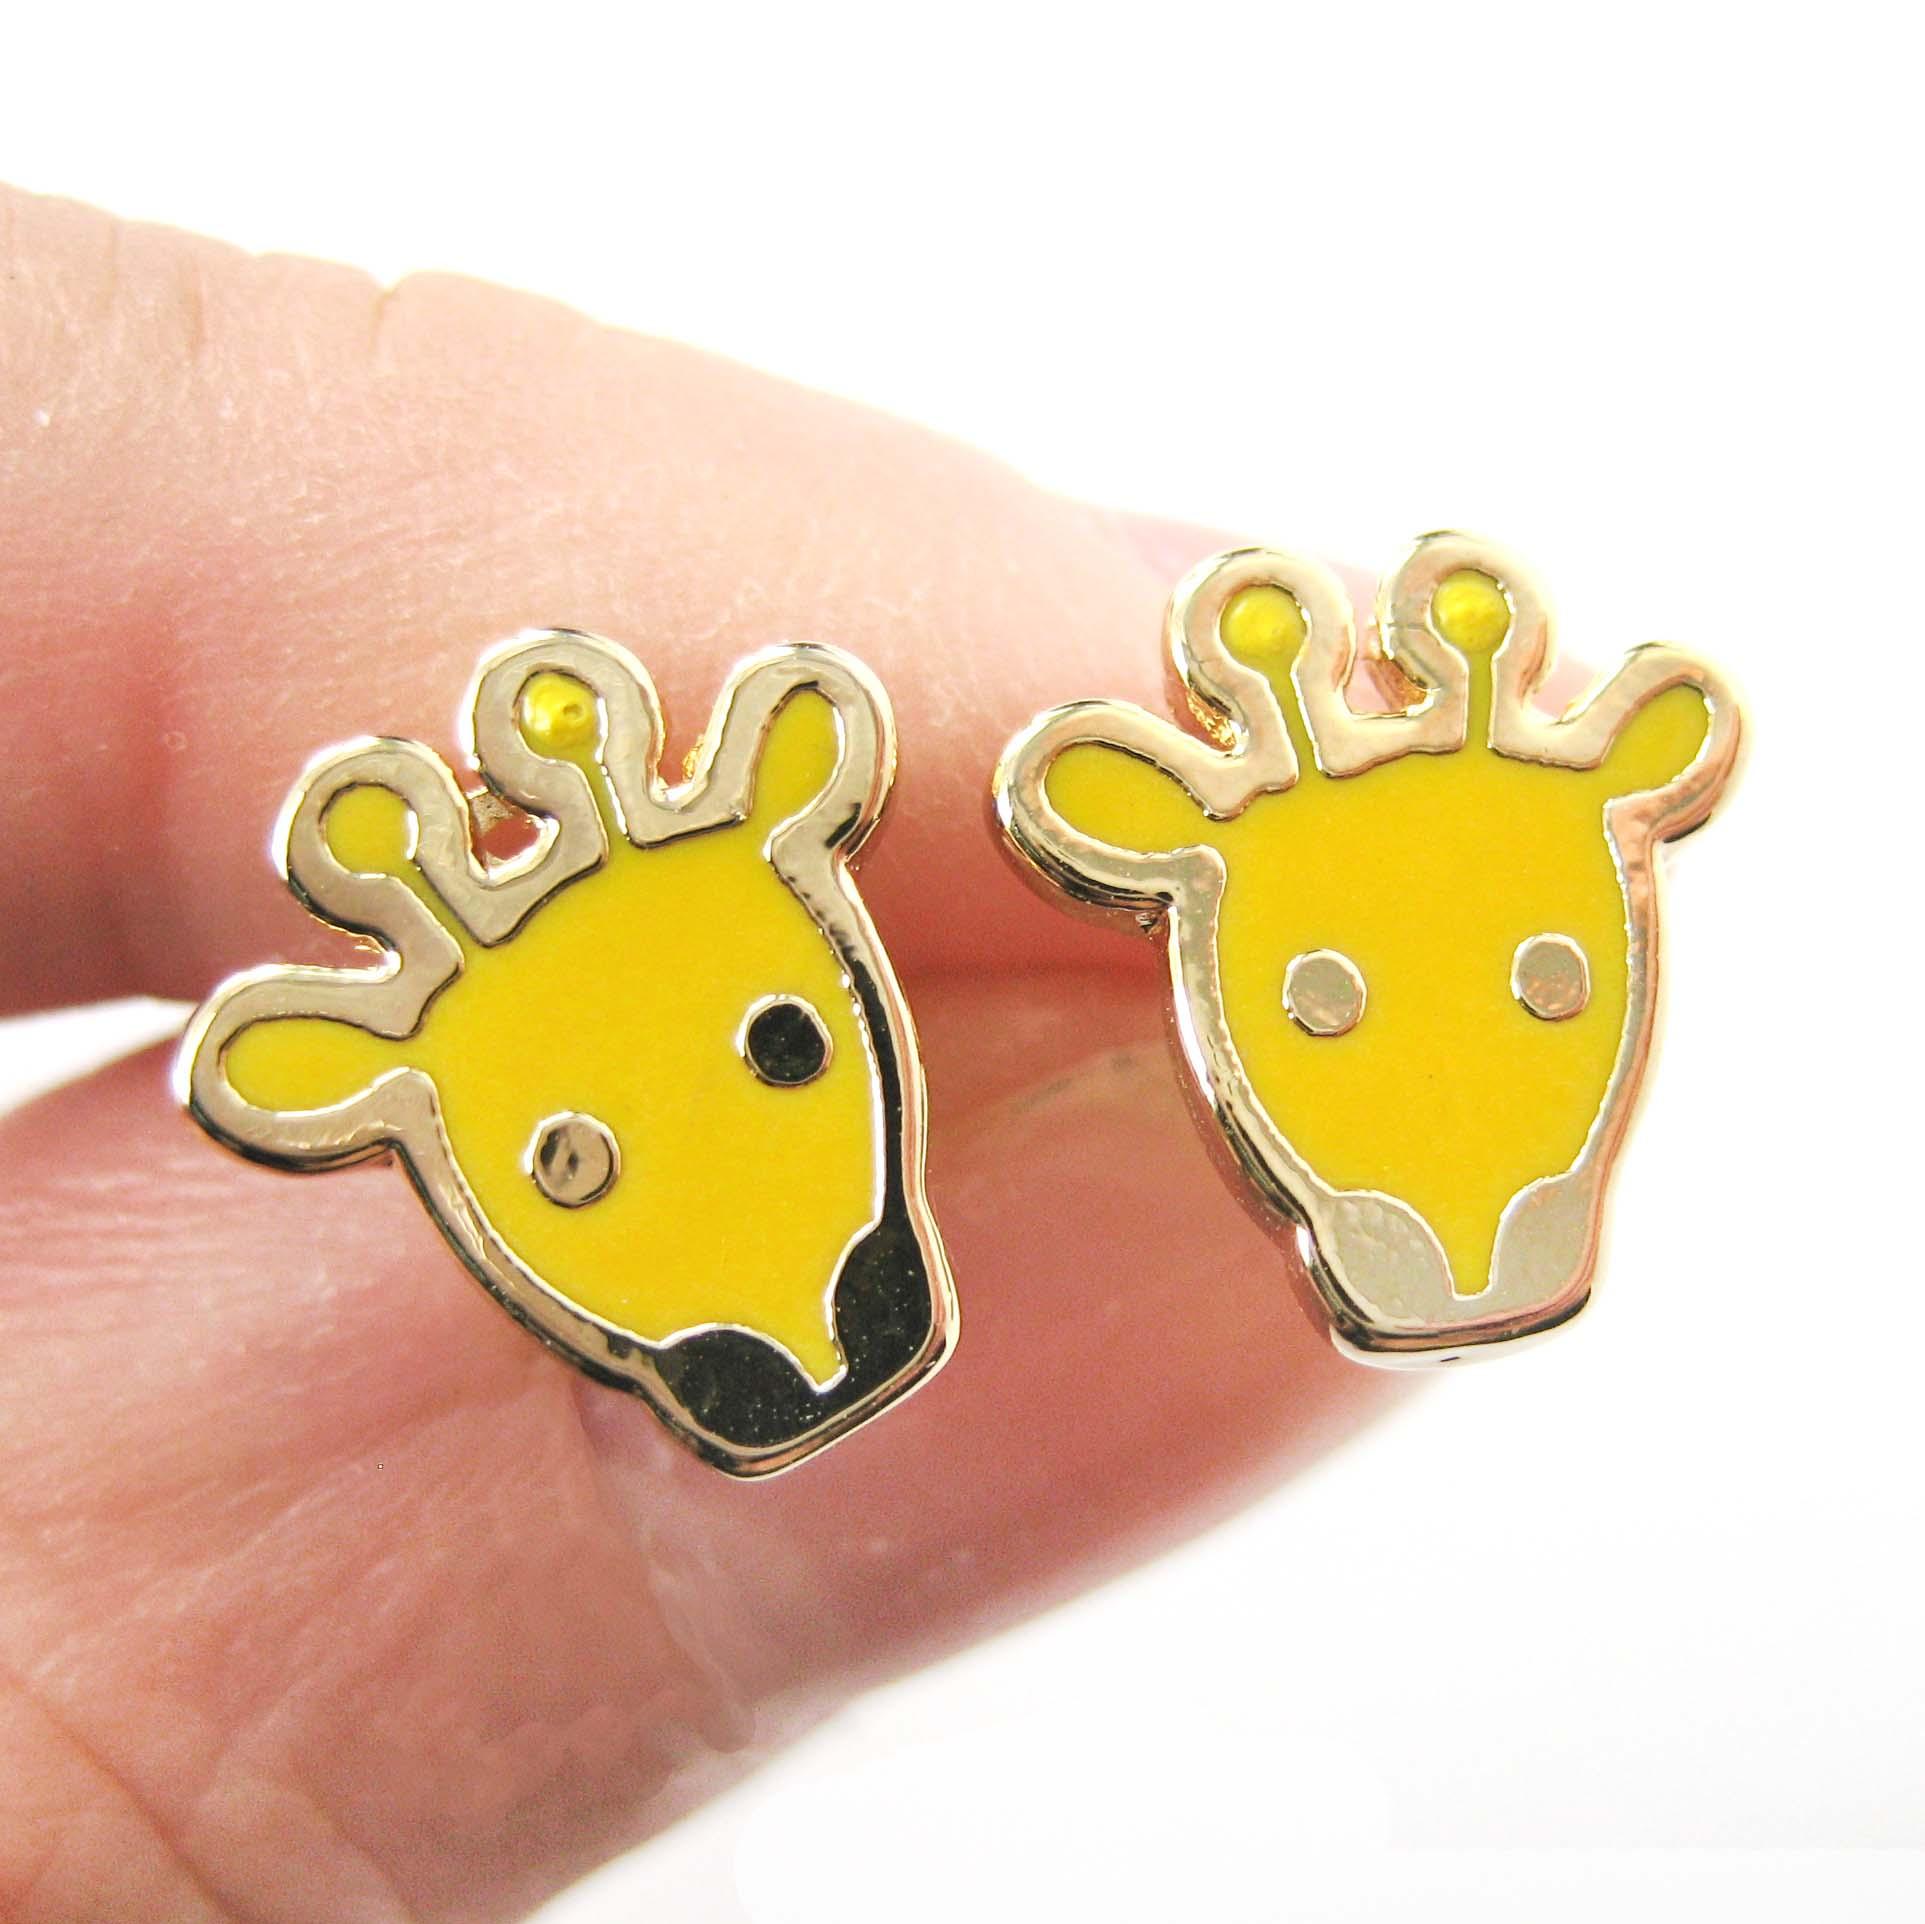 Cute Giraffe Shaped Animal Stud Earrings In Yellow Enamel On Gold